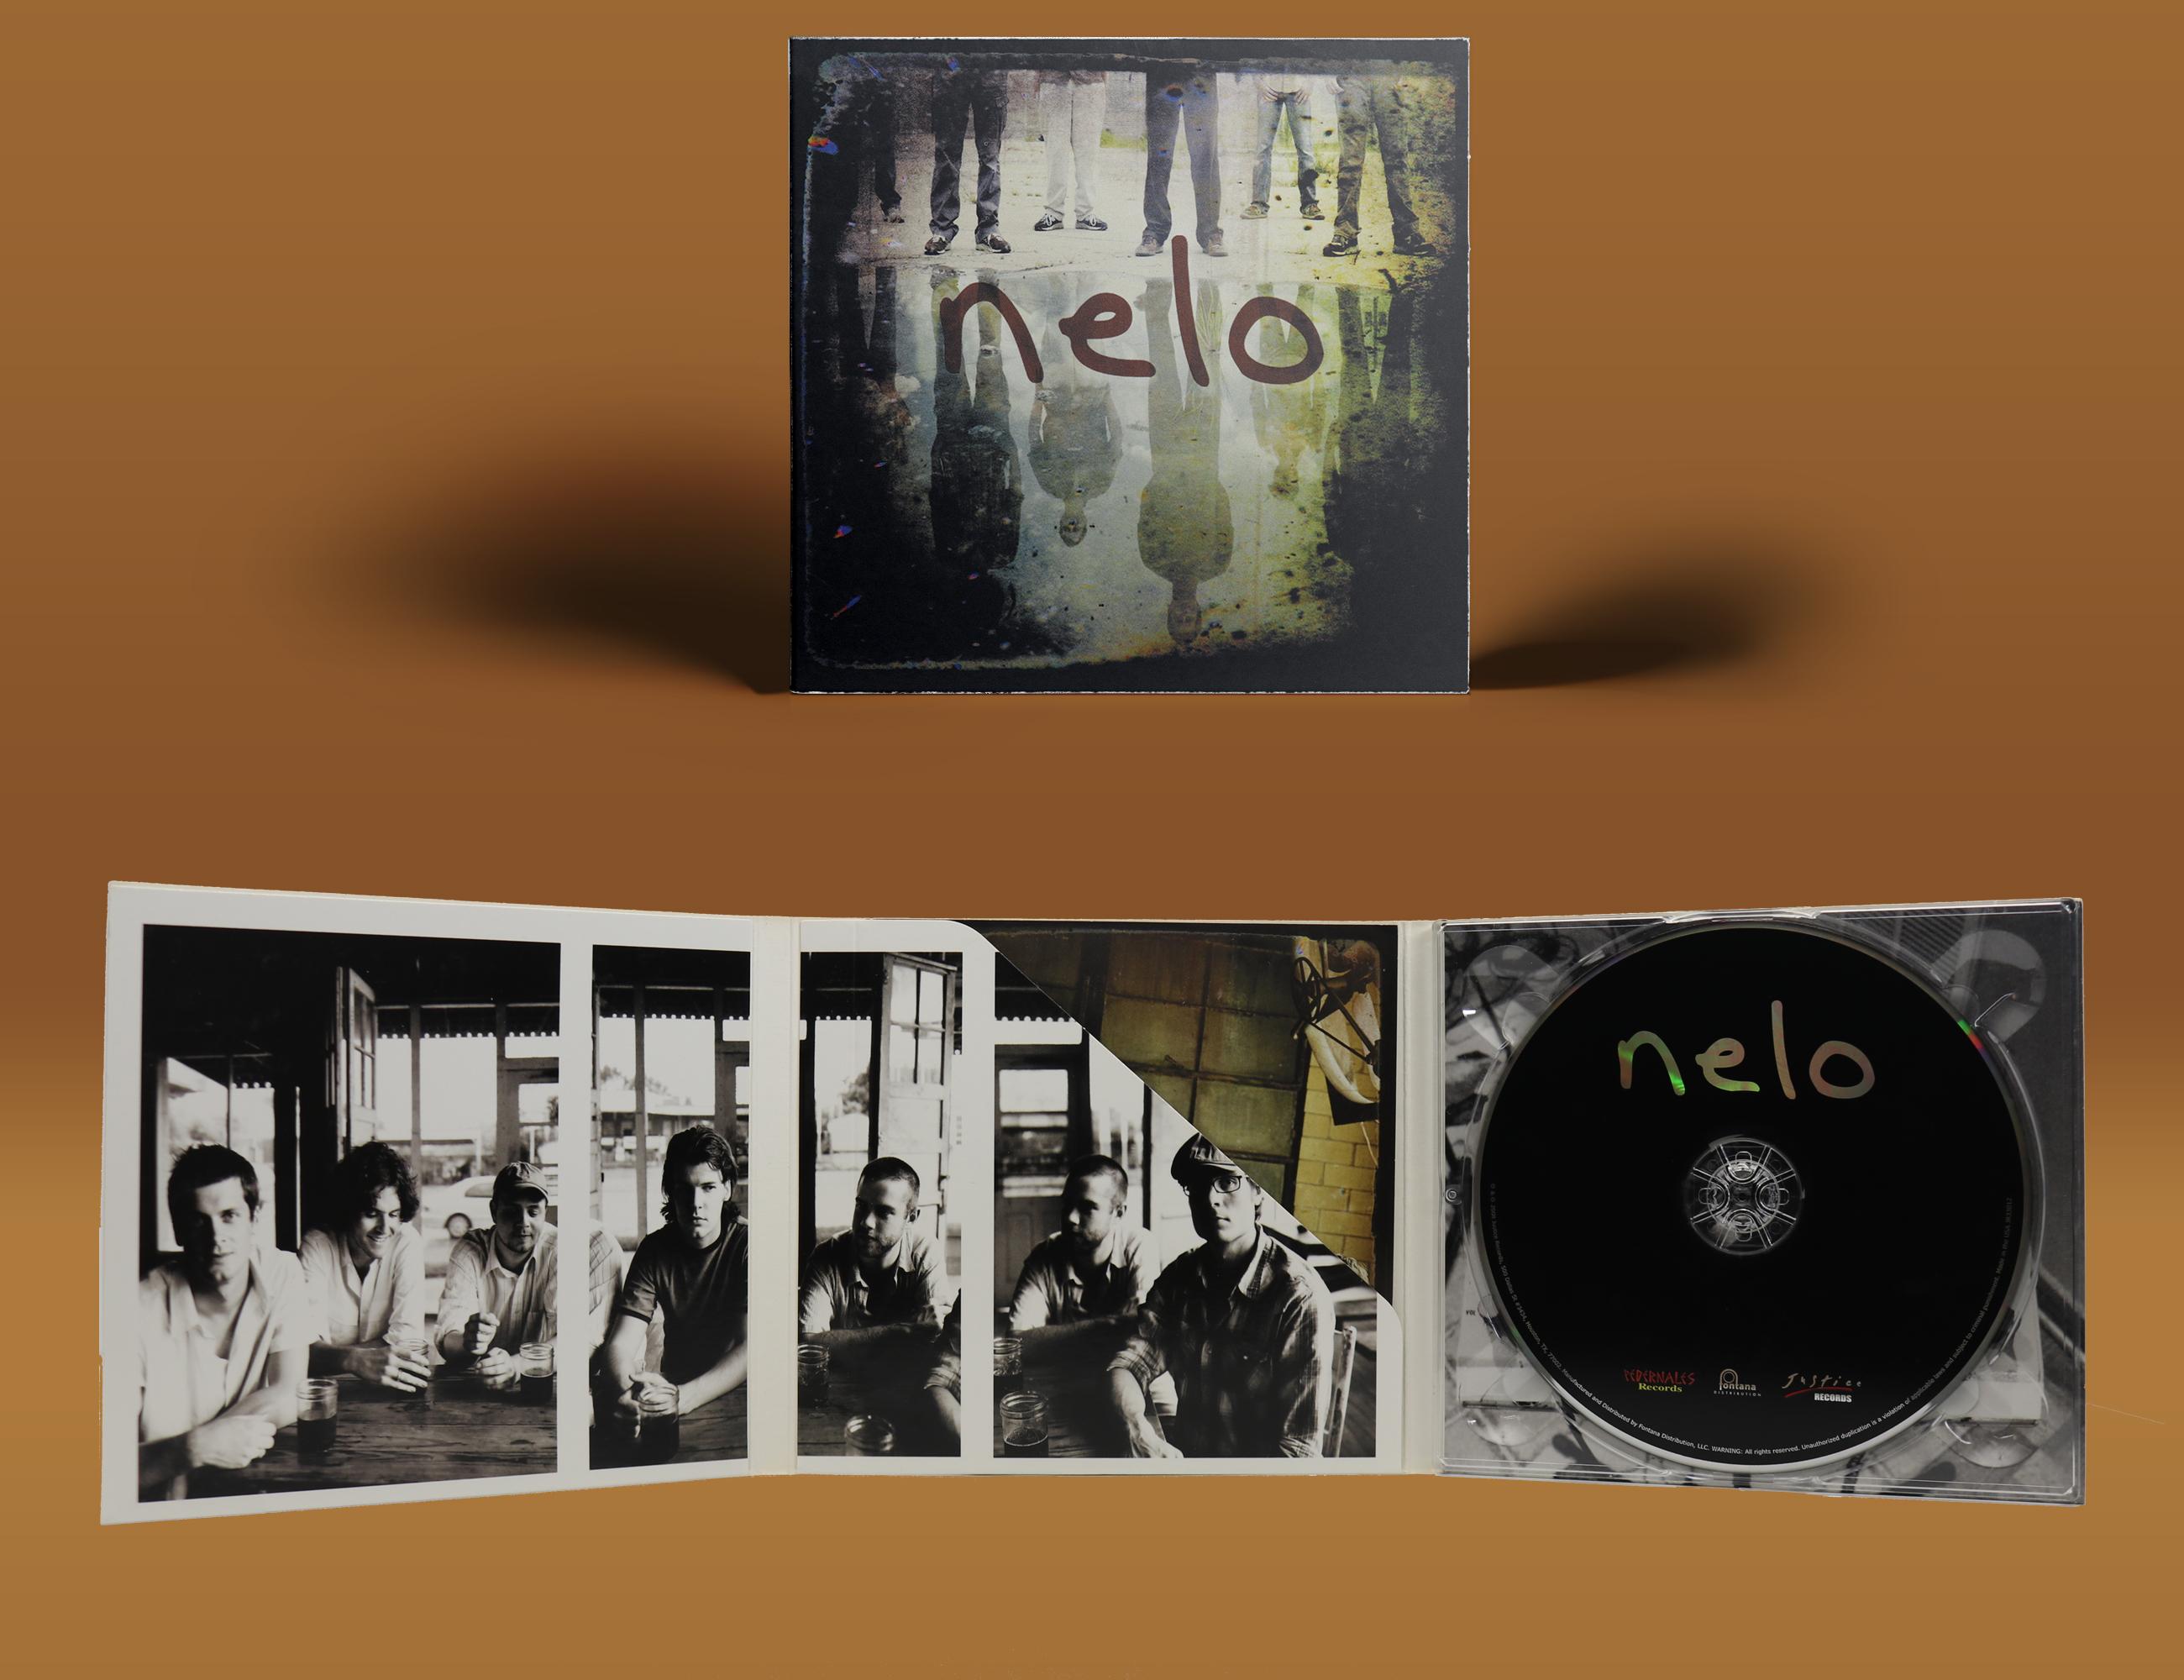 Nelo CD Packaging